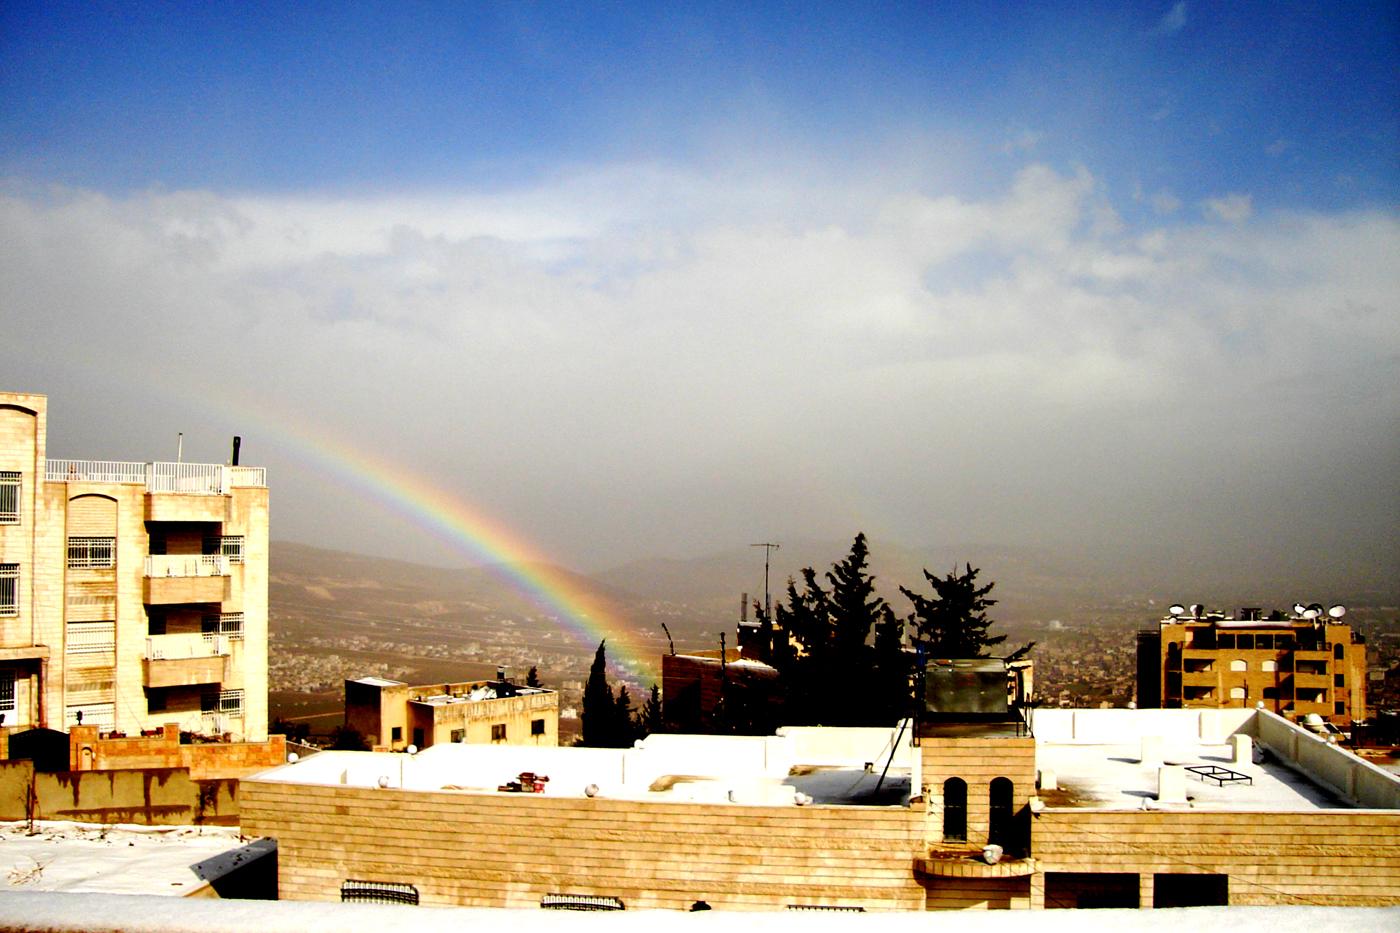 Le leggi e la realtà inviano messaggi molto diversi alla comunità LGBT giordana